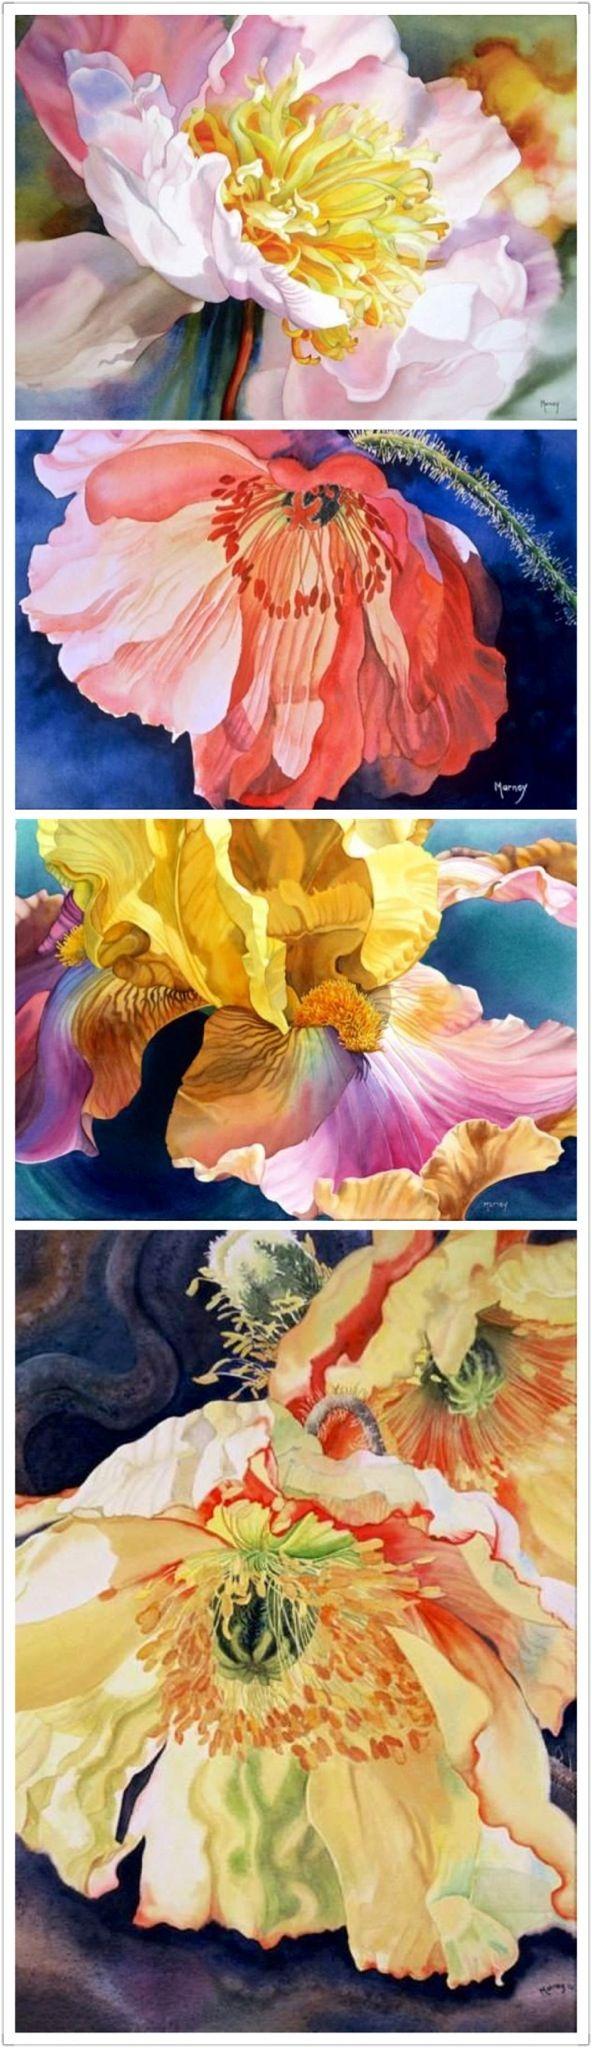 Marney Ward - watercolor